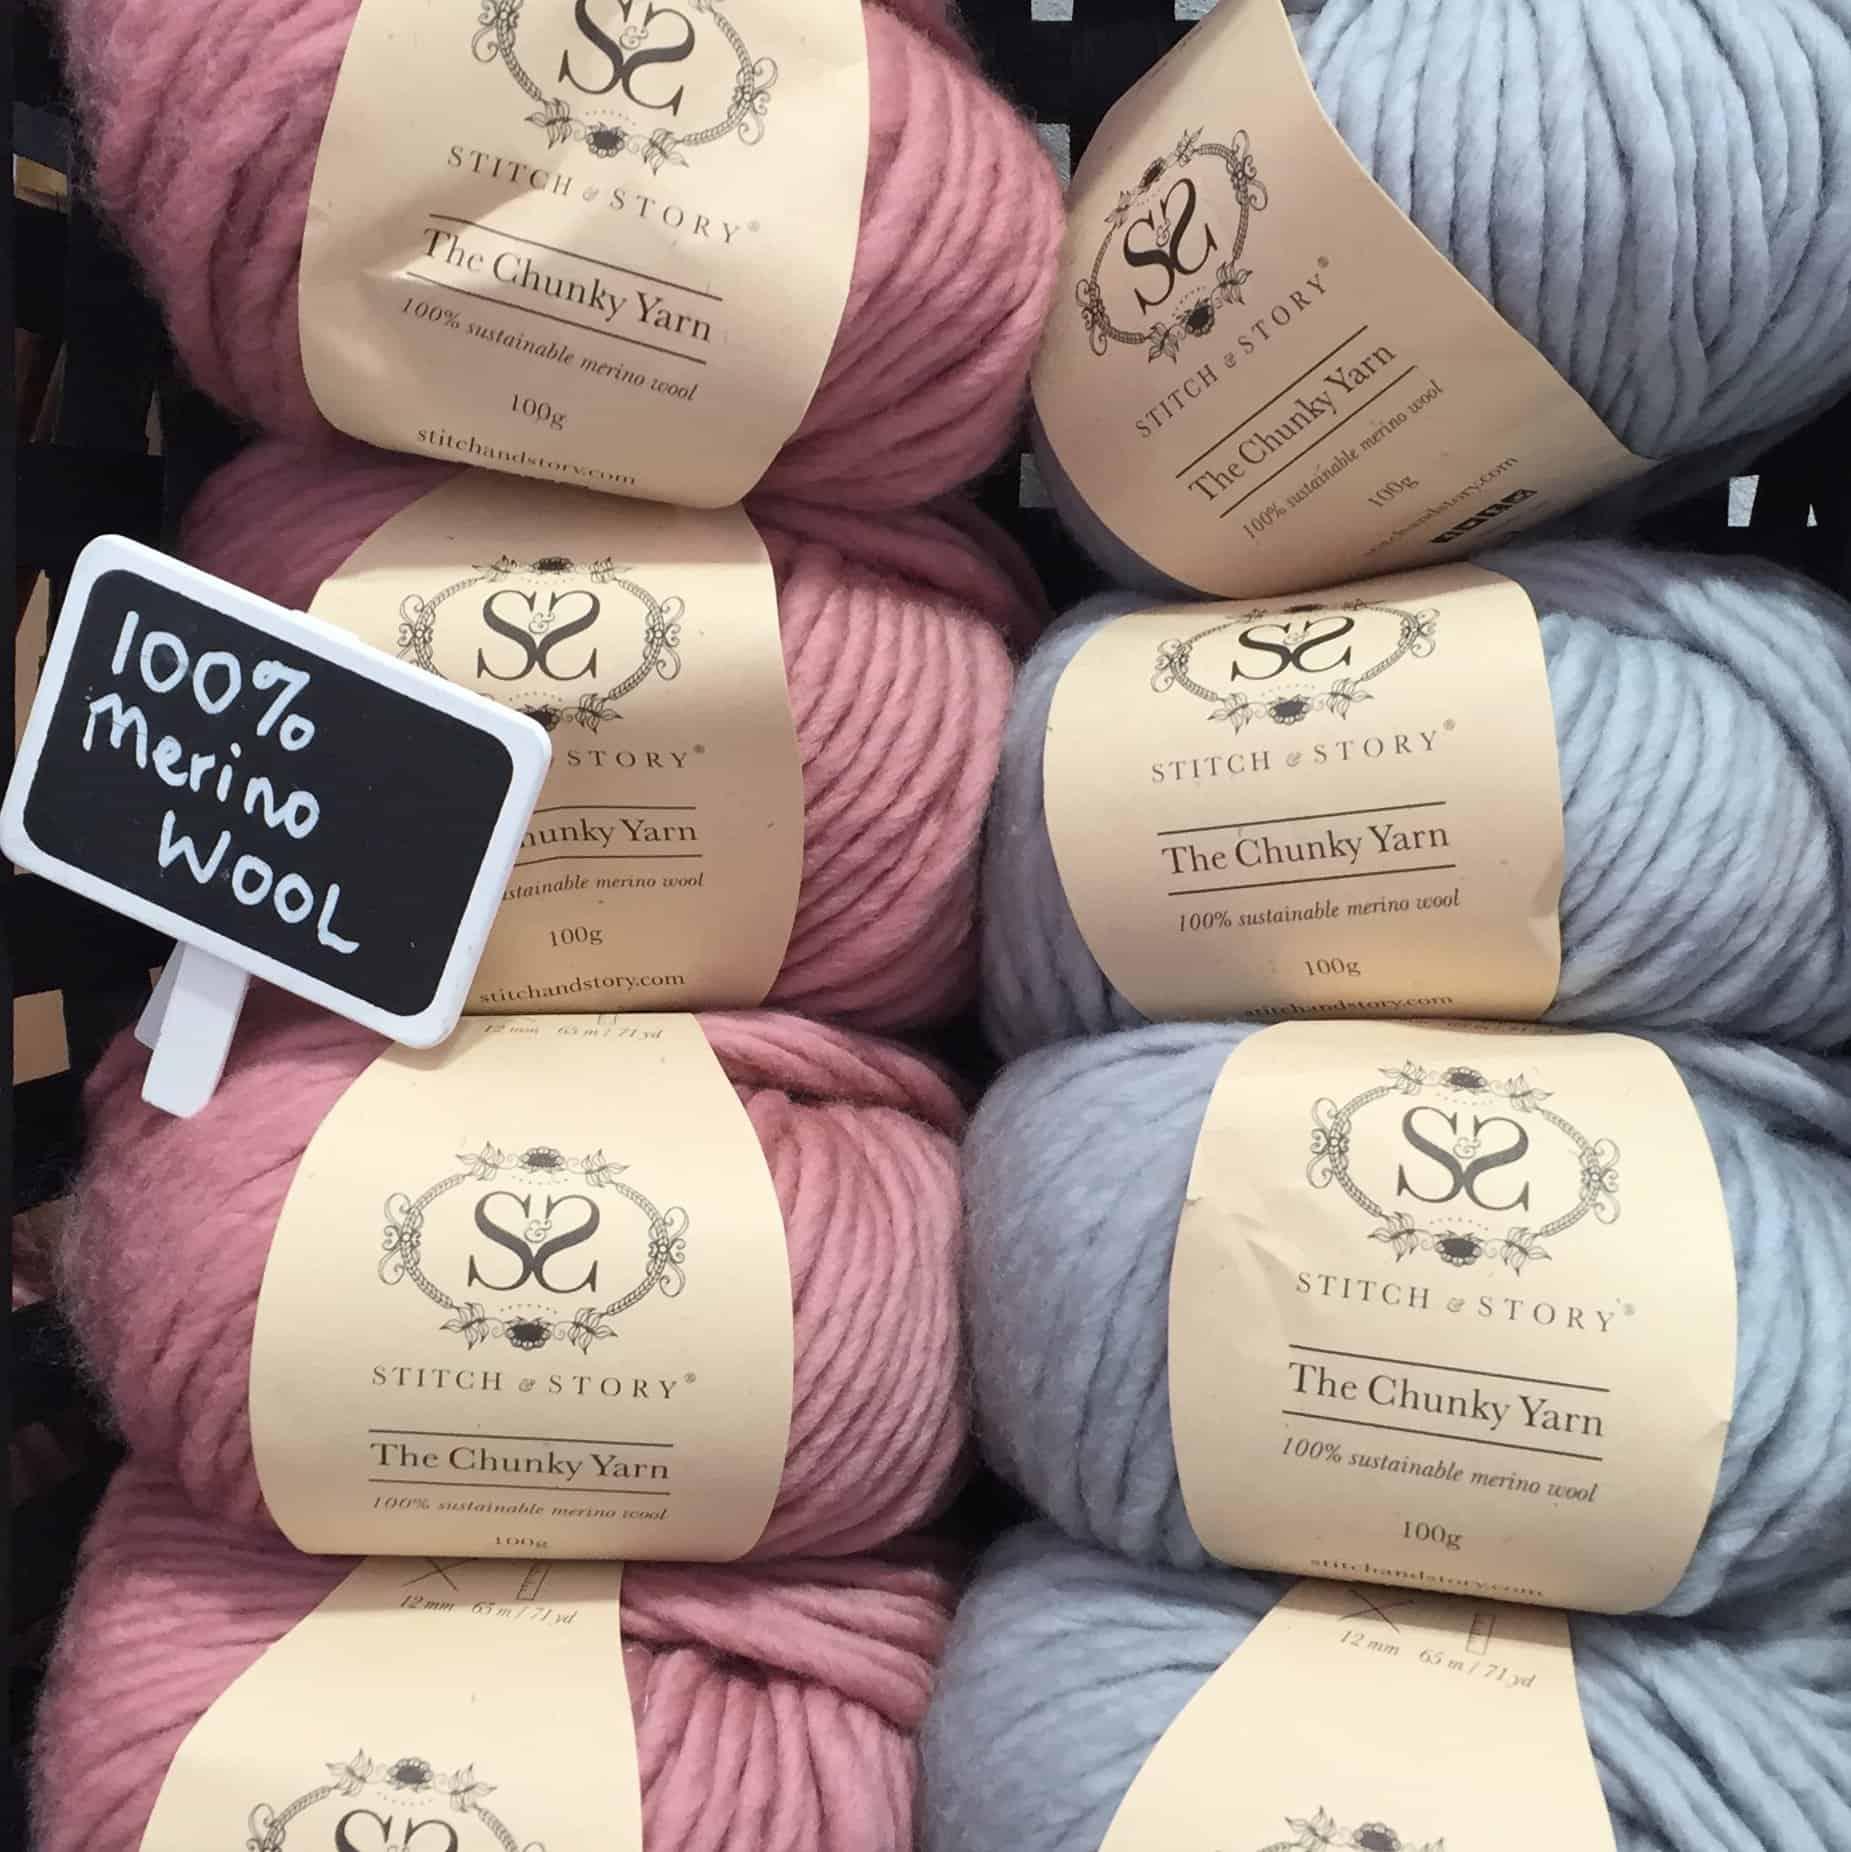 Wool at The Handmade Fair